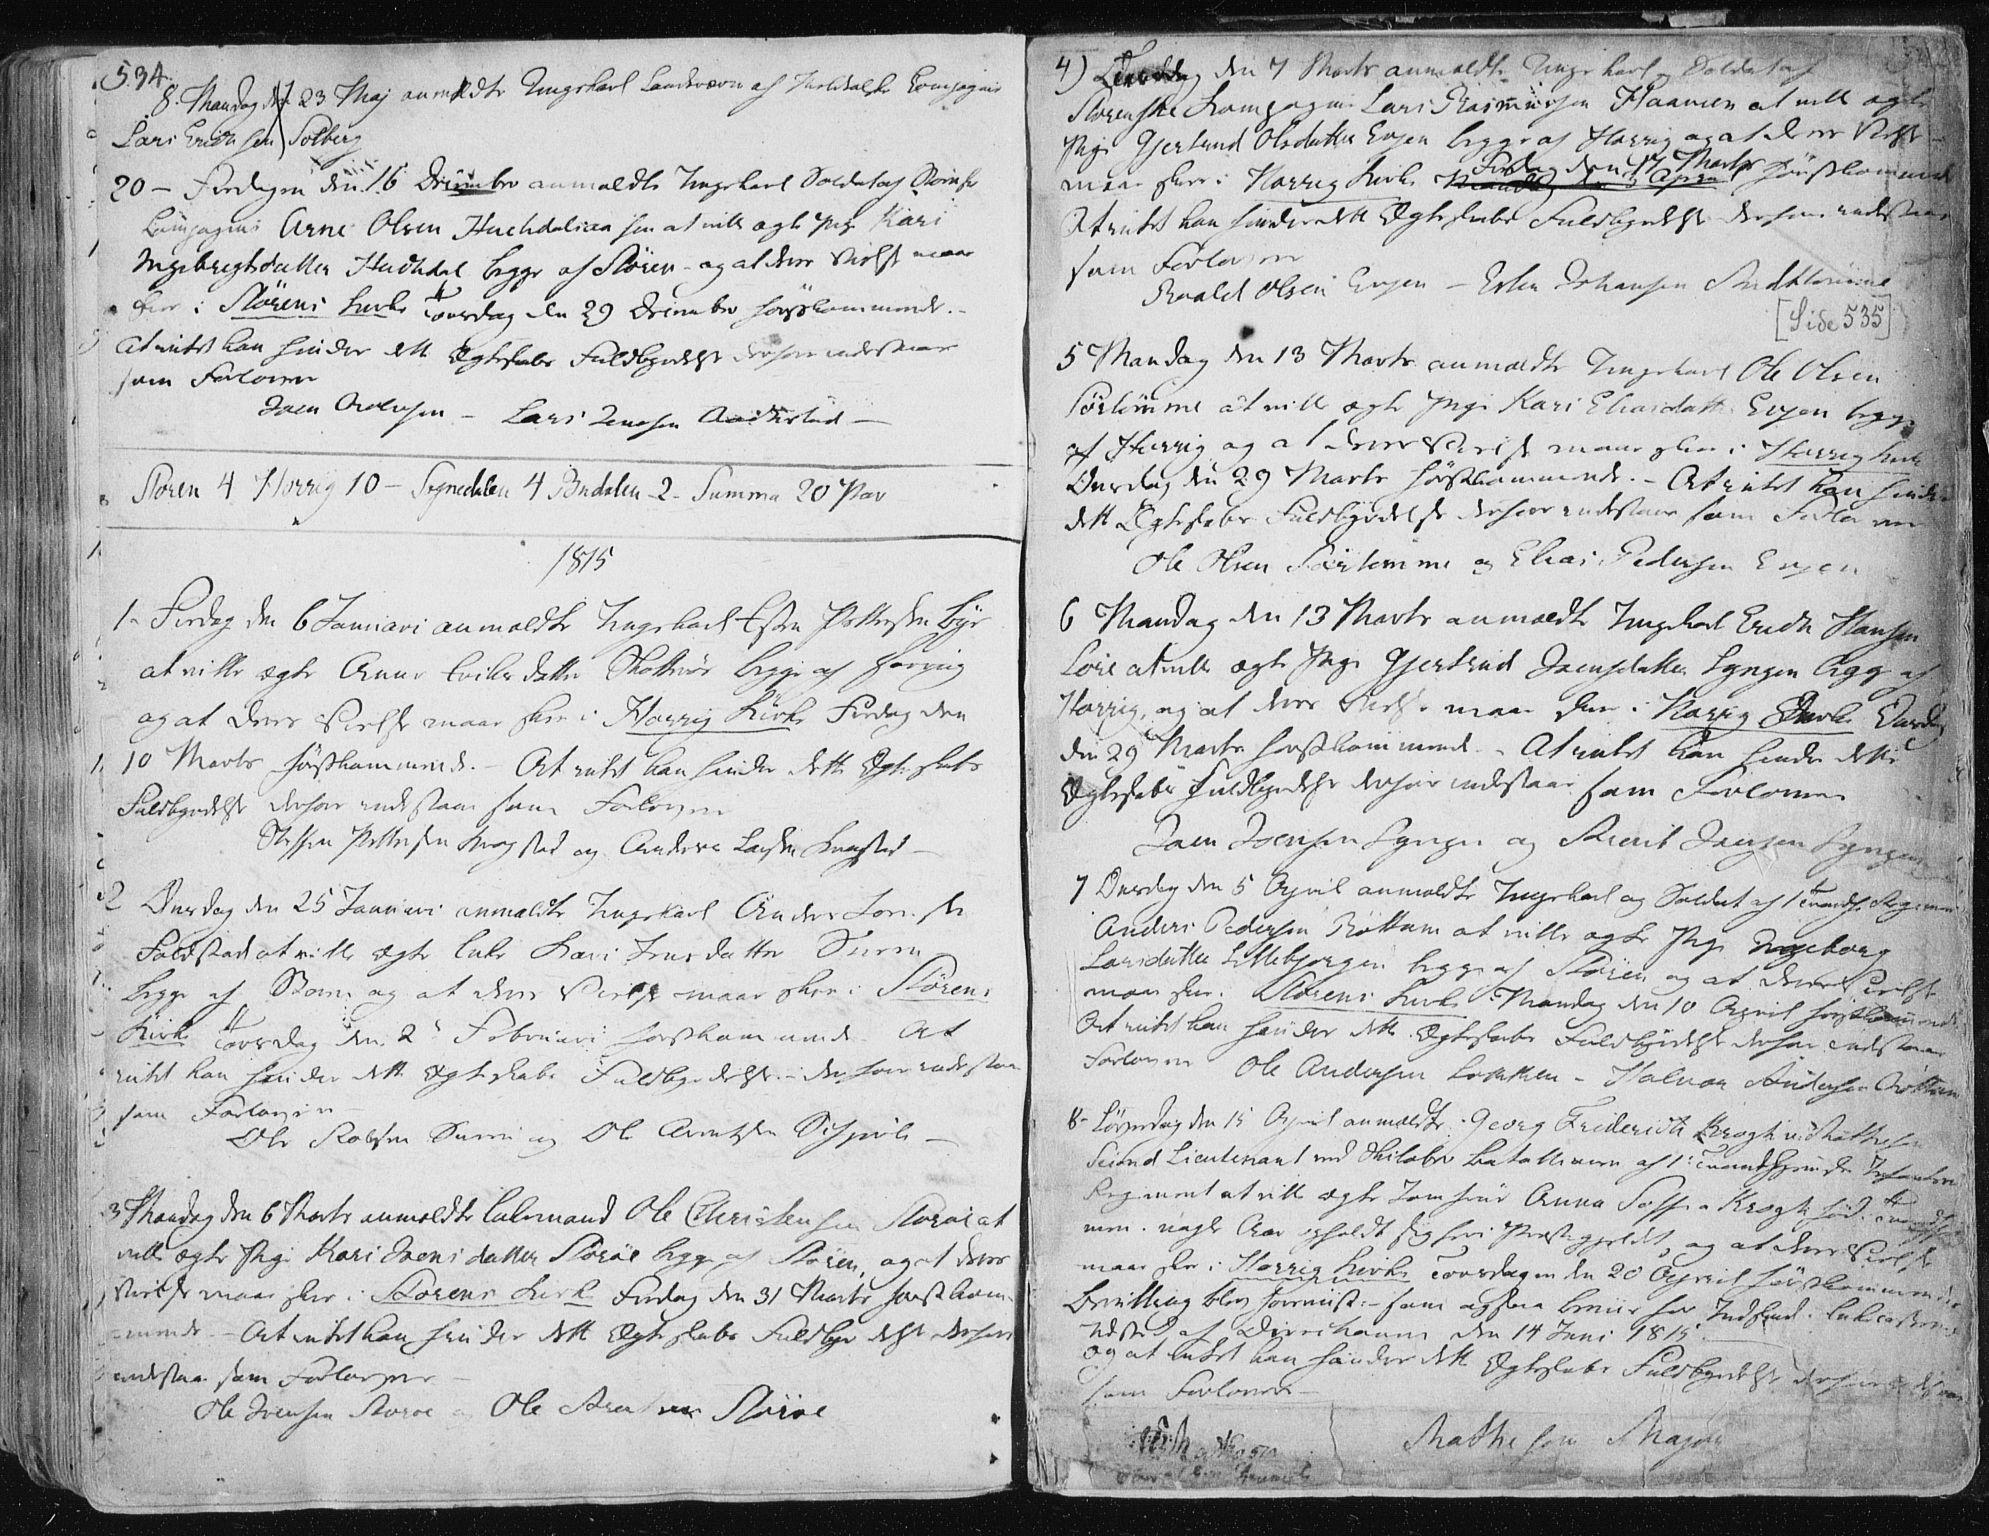 SAT, Ministerialprotokoller, klokkerbøker og fødselsregistre - Sør-Trøndelag, 687/L0992: Ministerialbok nr. 687A03 /1, 1788-1815, s. 534-535